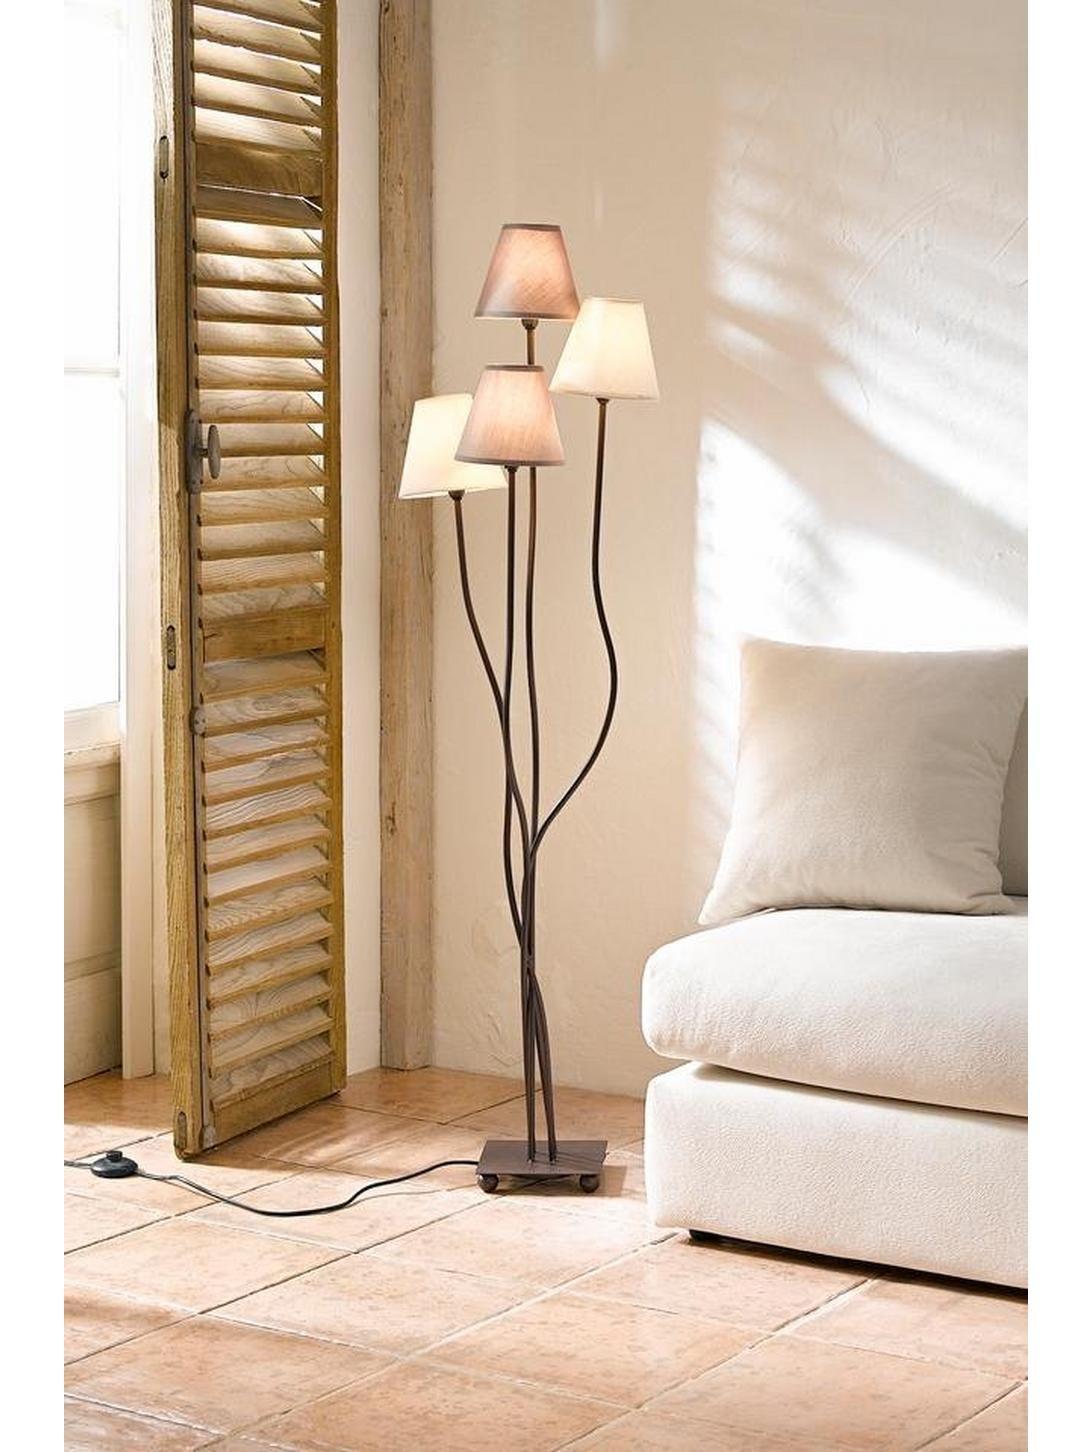 Lampadaire Original A Plusieurs Lampes Helline Lampadaire Deco Tendance Deco